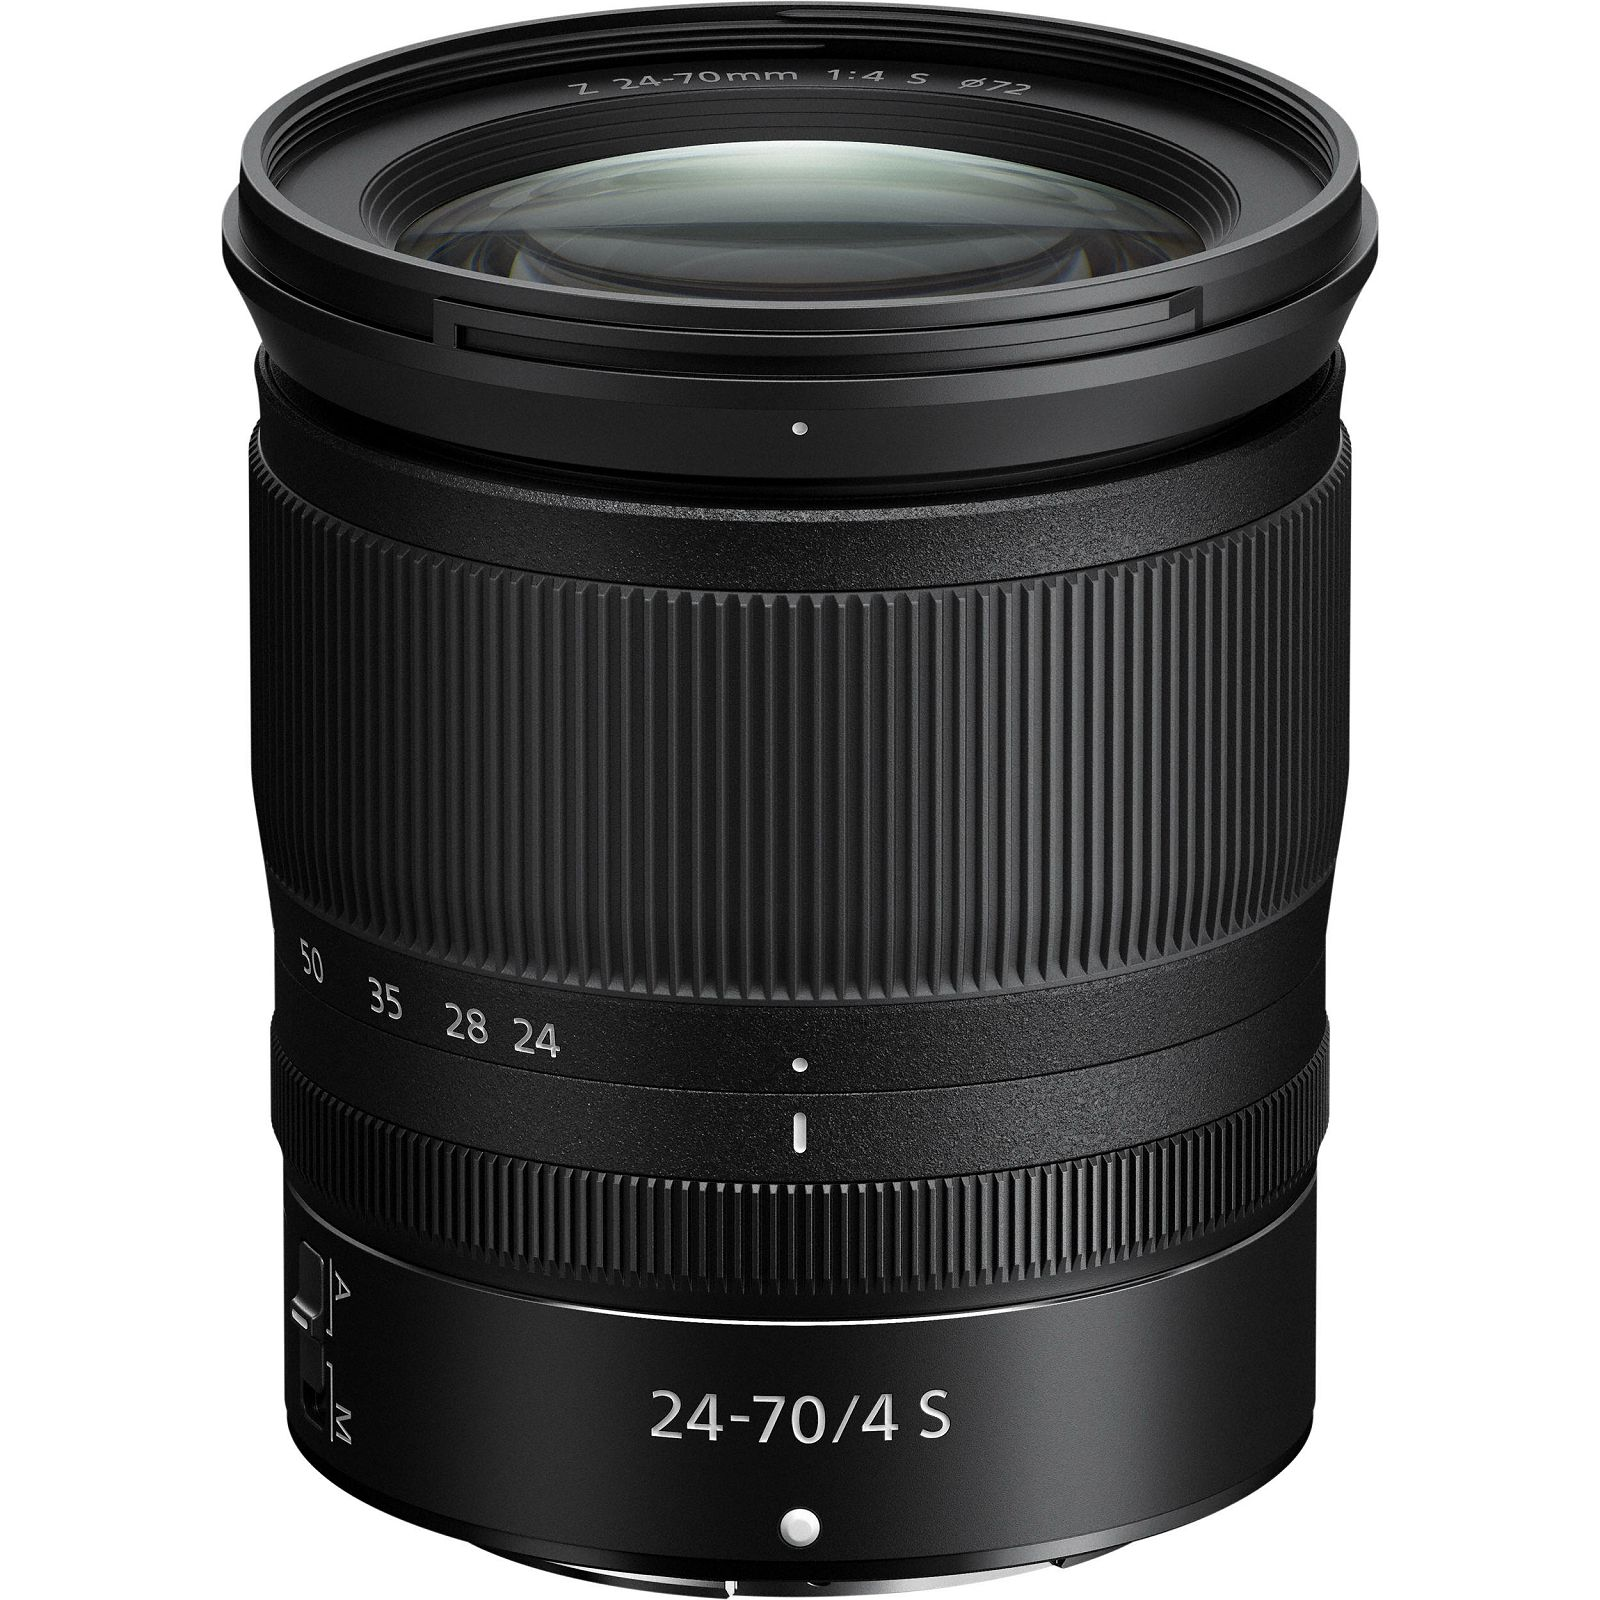 Nikon Z 24-70mm f/4 S standardni objektiv Nikkor 24-70 F4 zoom lens (JMA704DA) - TRENUTNA UŠTEDA